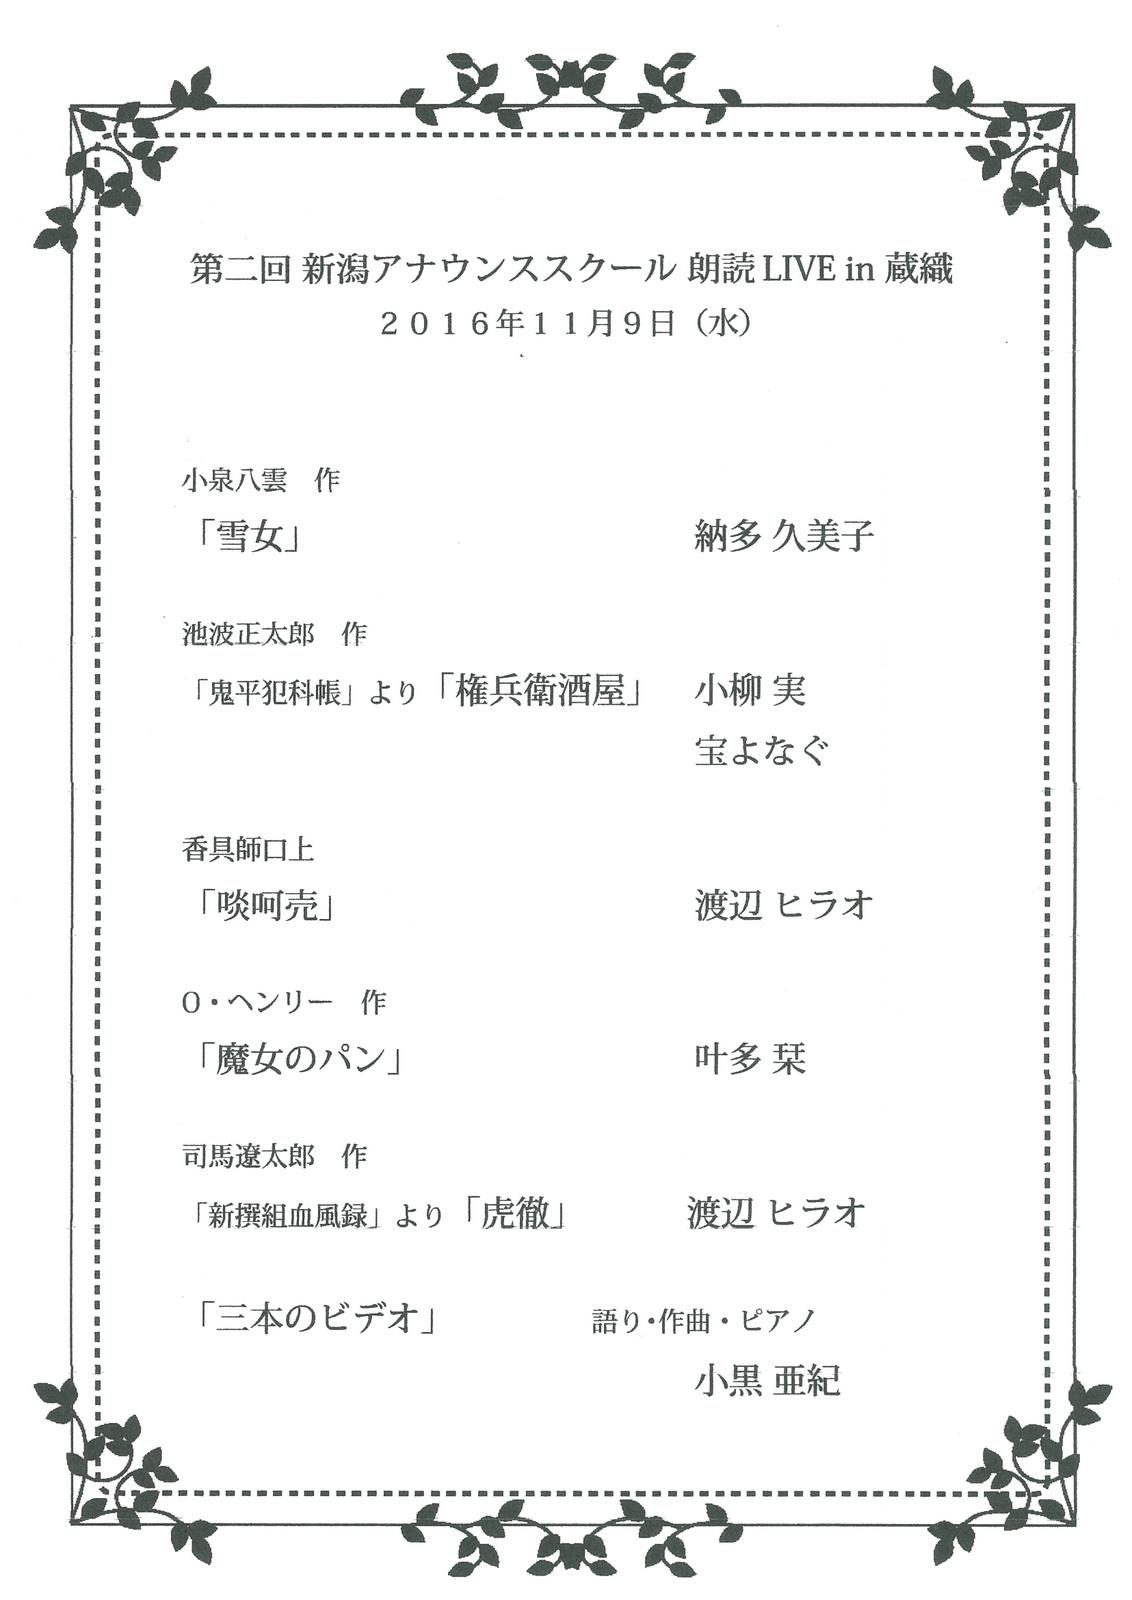 朗読会、盛況にて終了。小黒亜紀さんすごいです。_e0046190_18205468.jpg